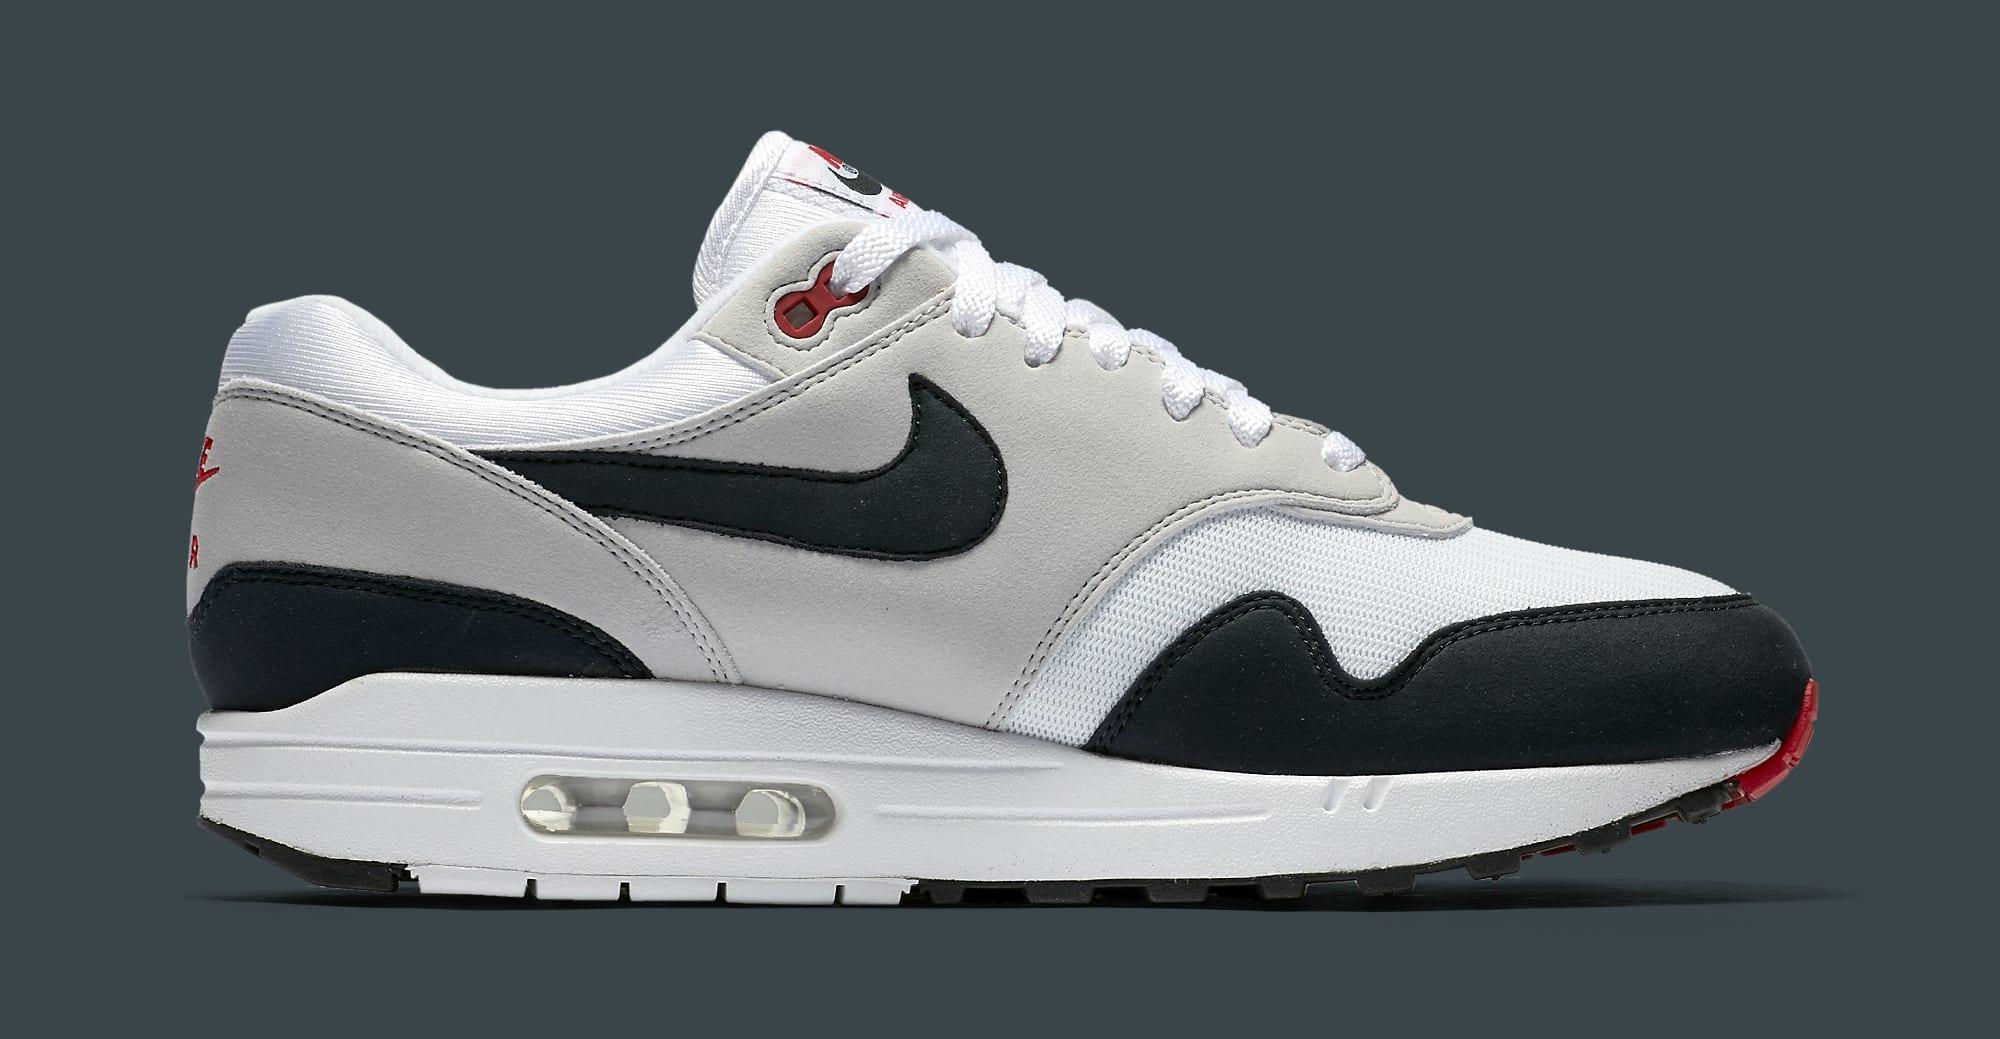 3c23bd5ebb ... Image via Nike Nike Air Max 1 Obsidian 908375-104 ...